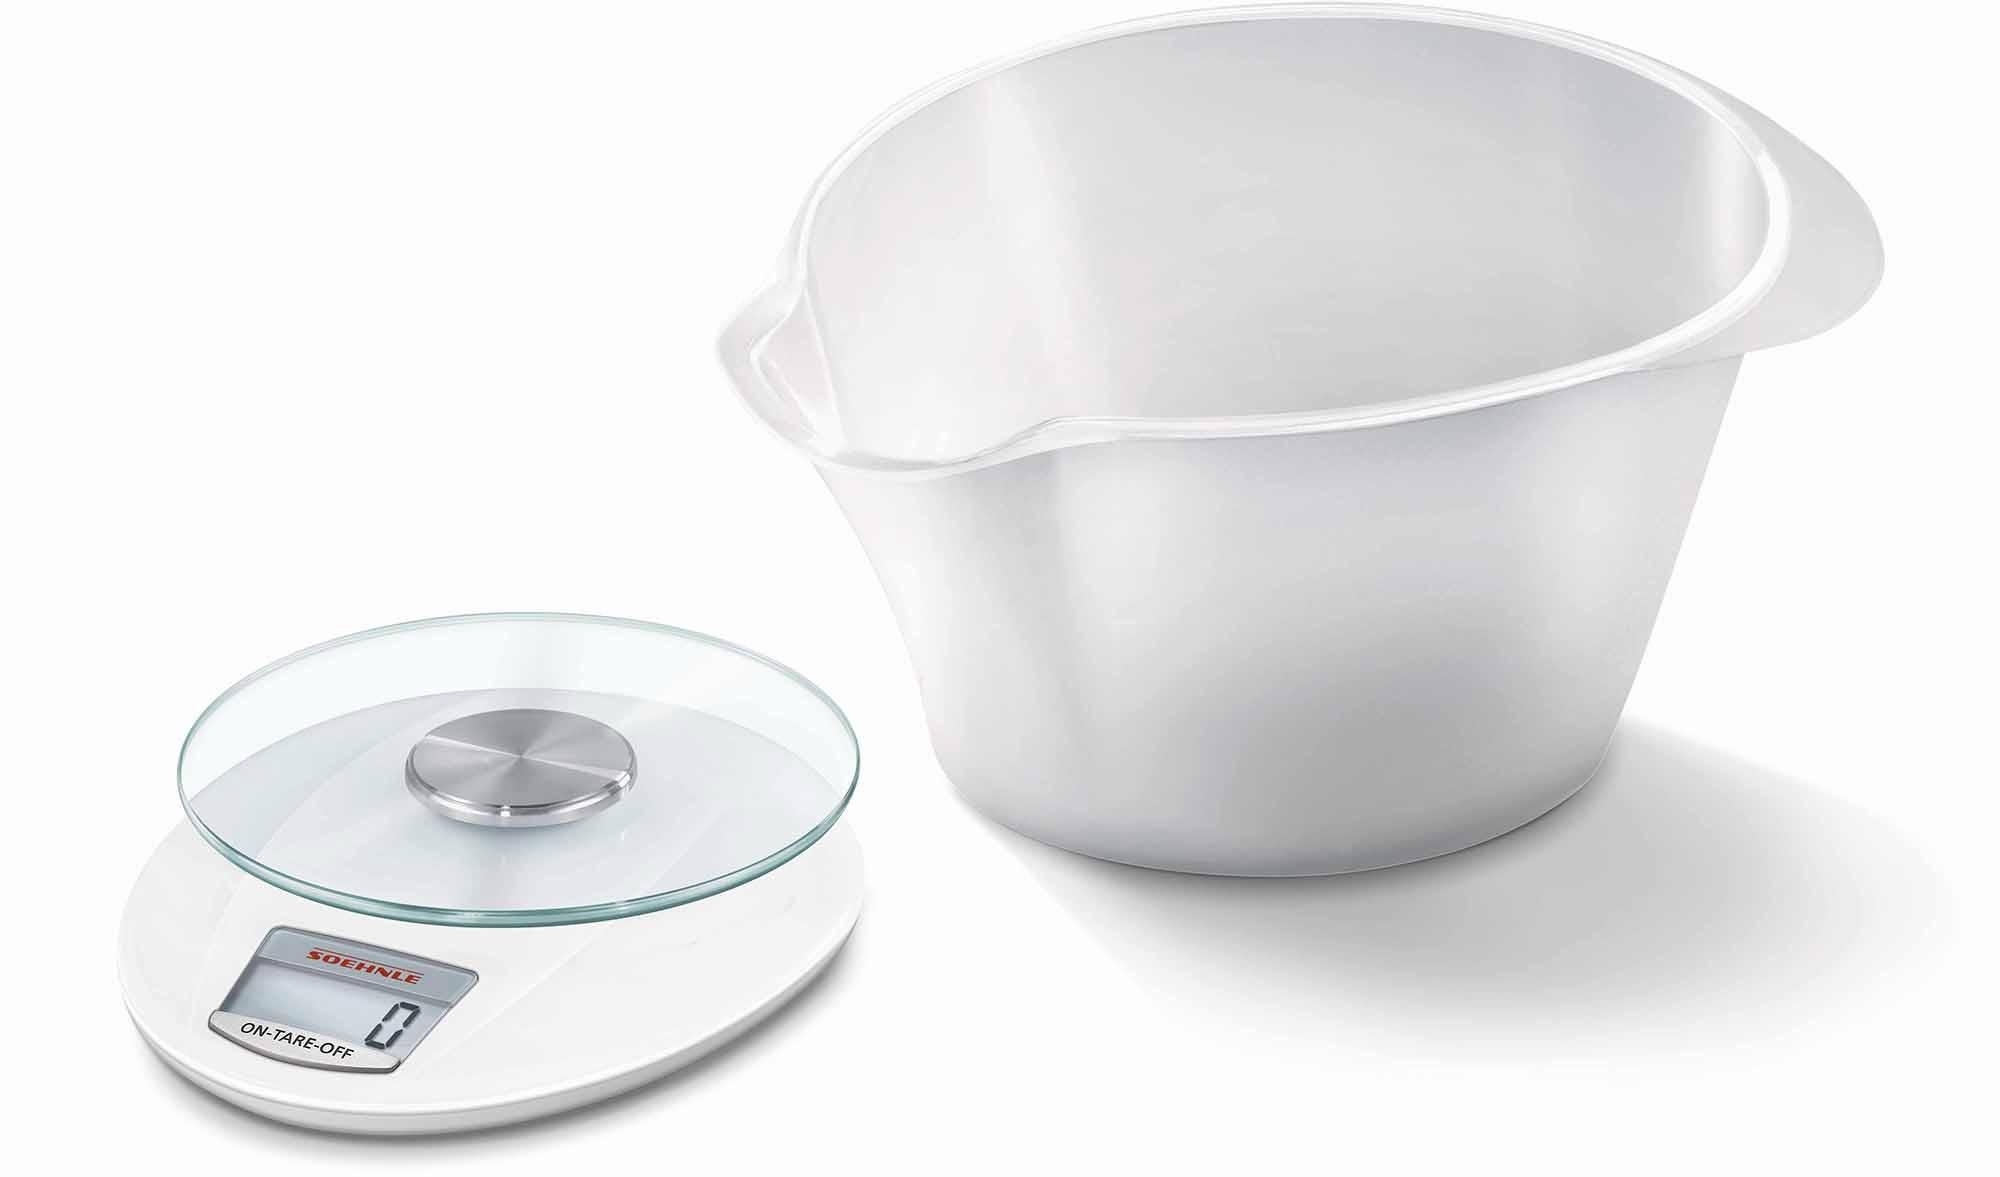 Soehnle keukenweegschaal 'Roma Plus', (2-delig) nu online bestellen